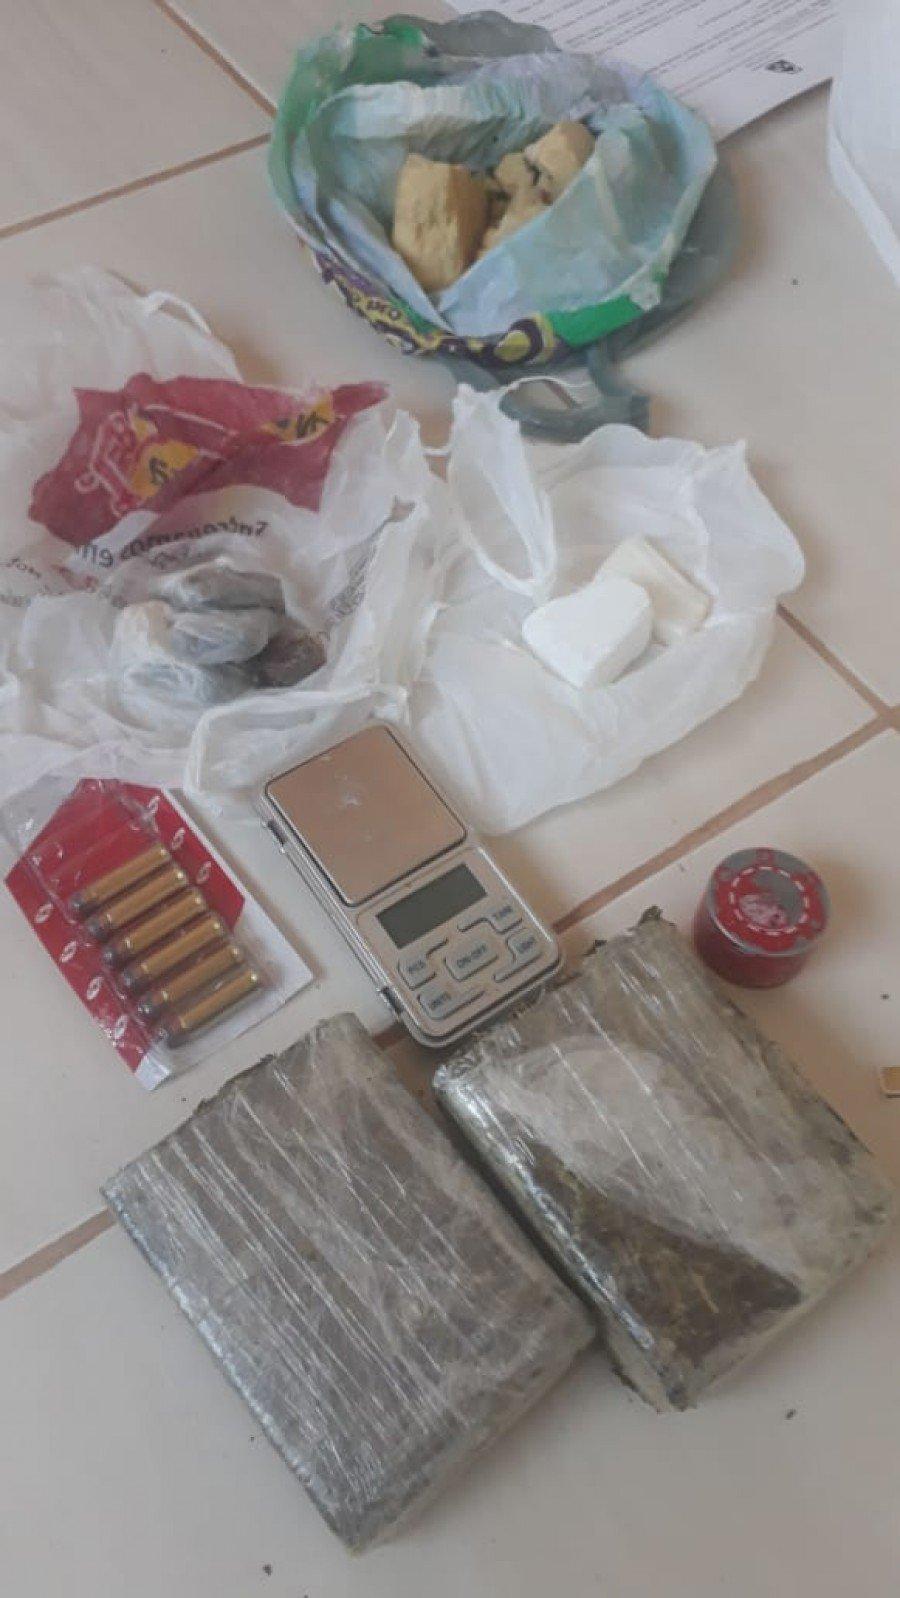 Tabletes de cocaína, balança de precisão, porções de maconha e de crack encontradas no interior do imóvel do suspeito